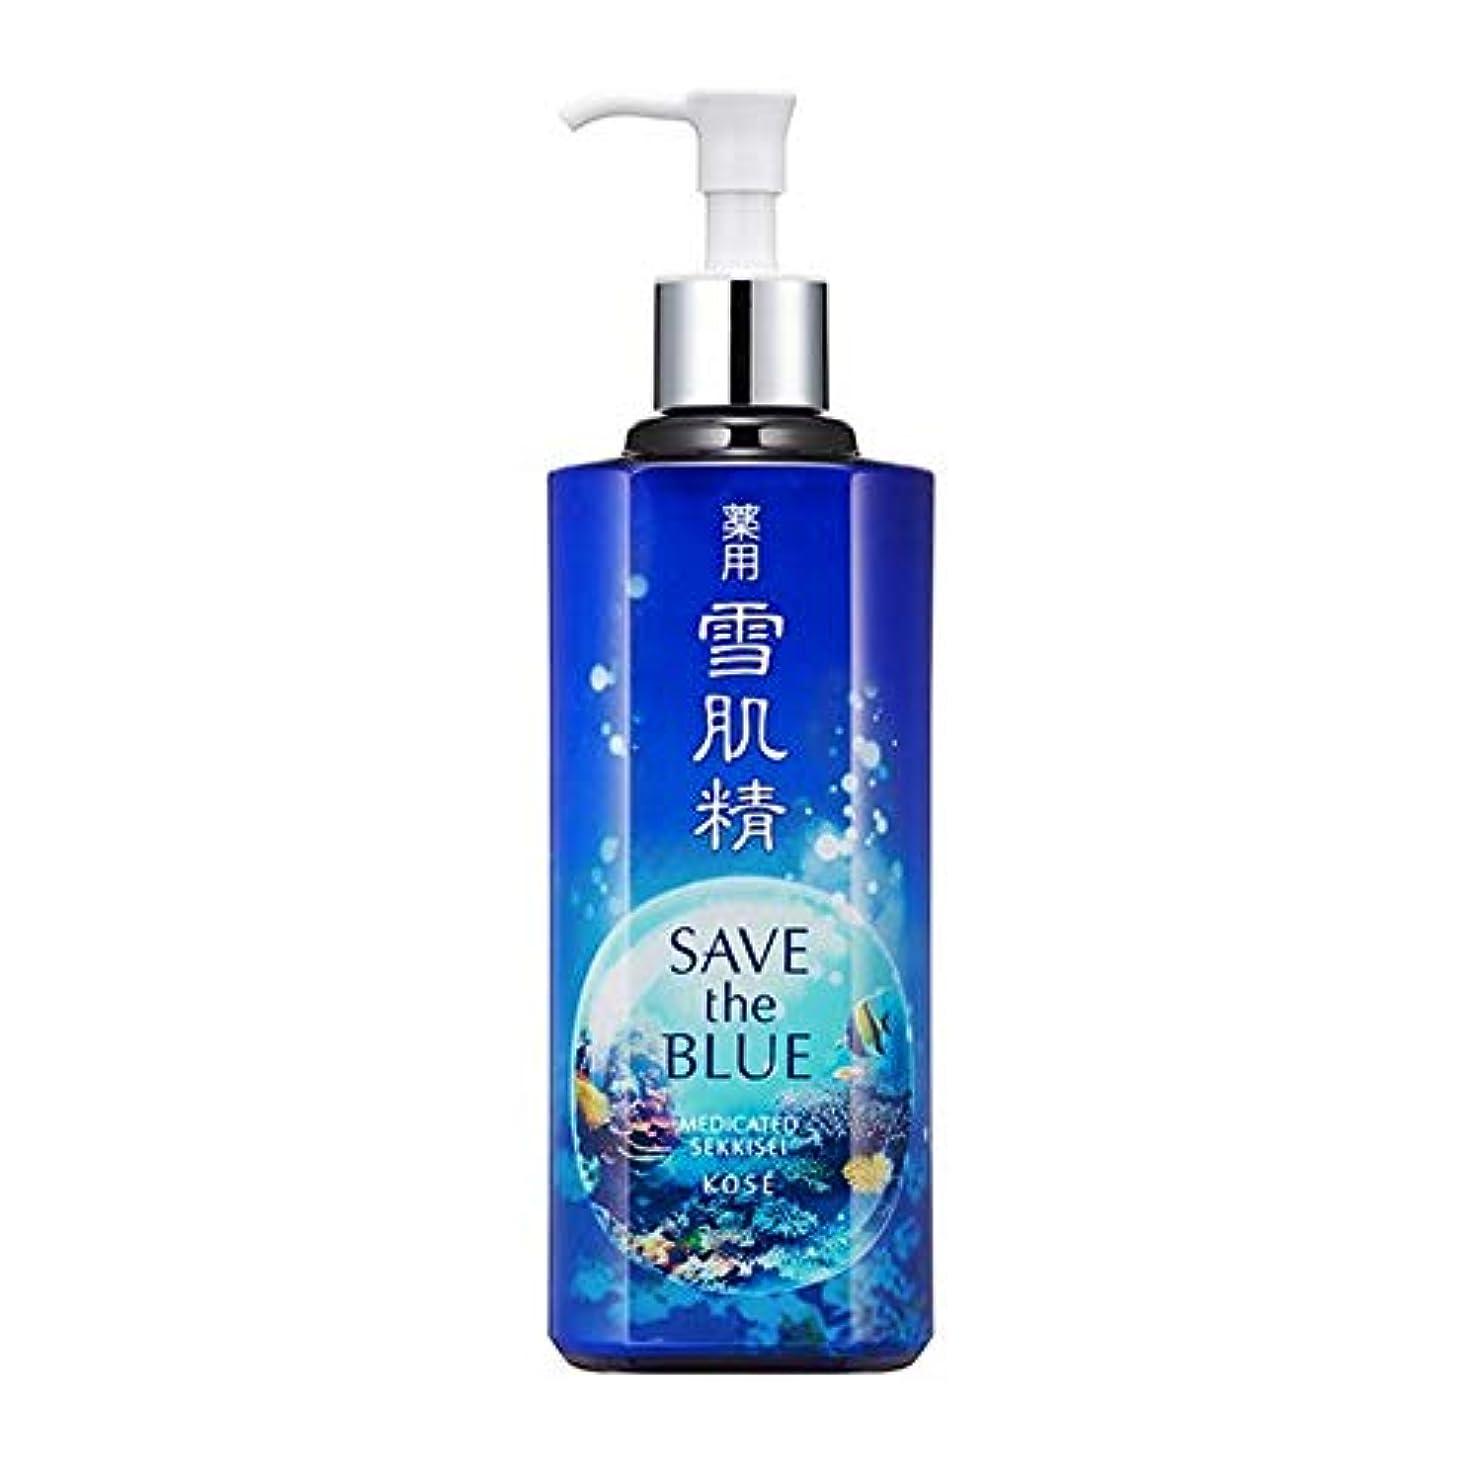 辞書アシスト同性愛者コーセー 雪肌精 「SAVE the BLUE」デザインボトル(みずみずしいタイプ) 500ml【2019限定】